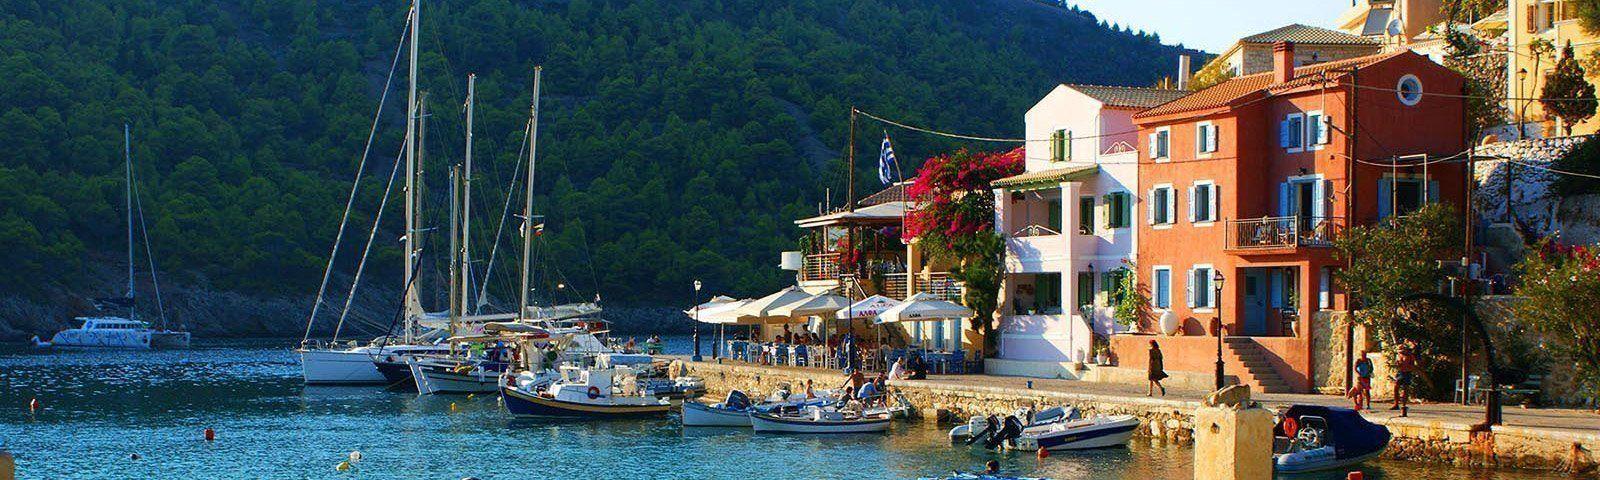 viaje-grecia-velero-assos